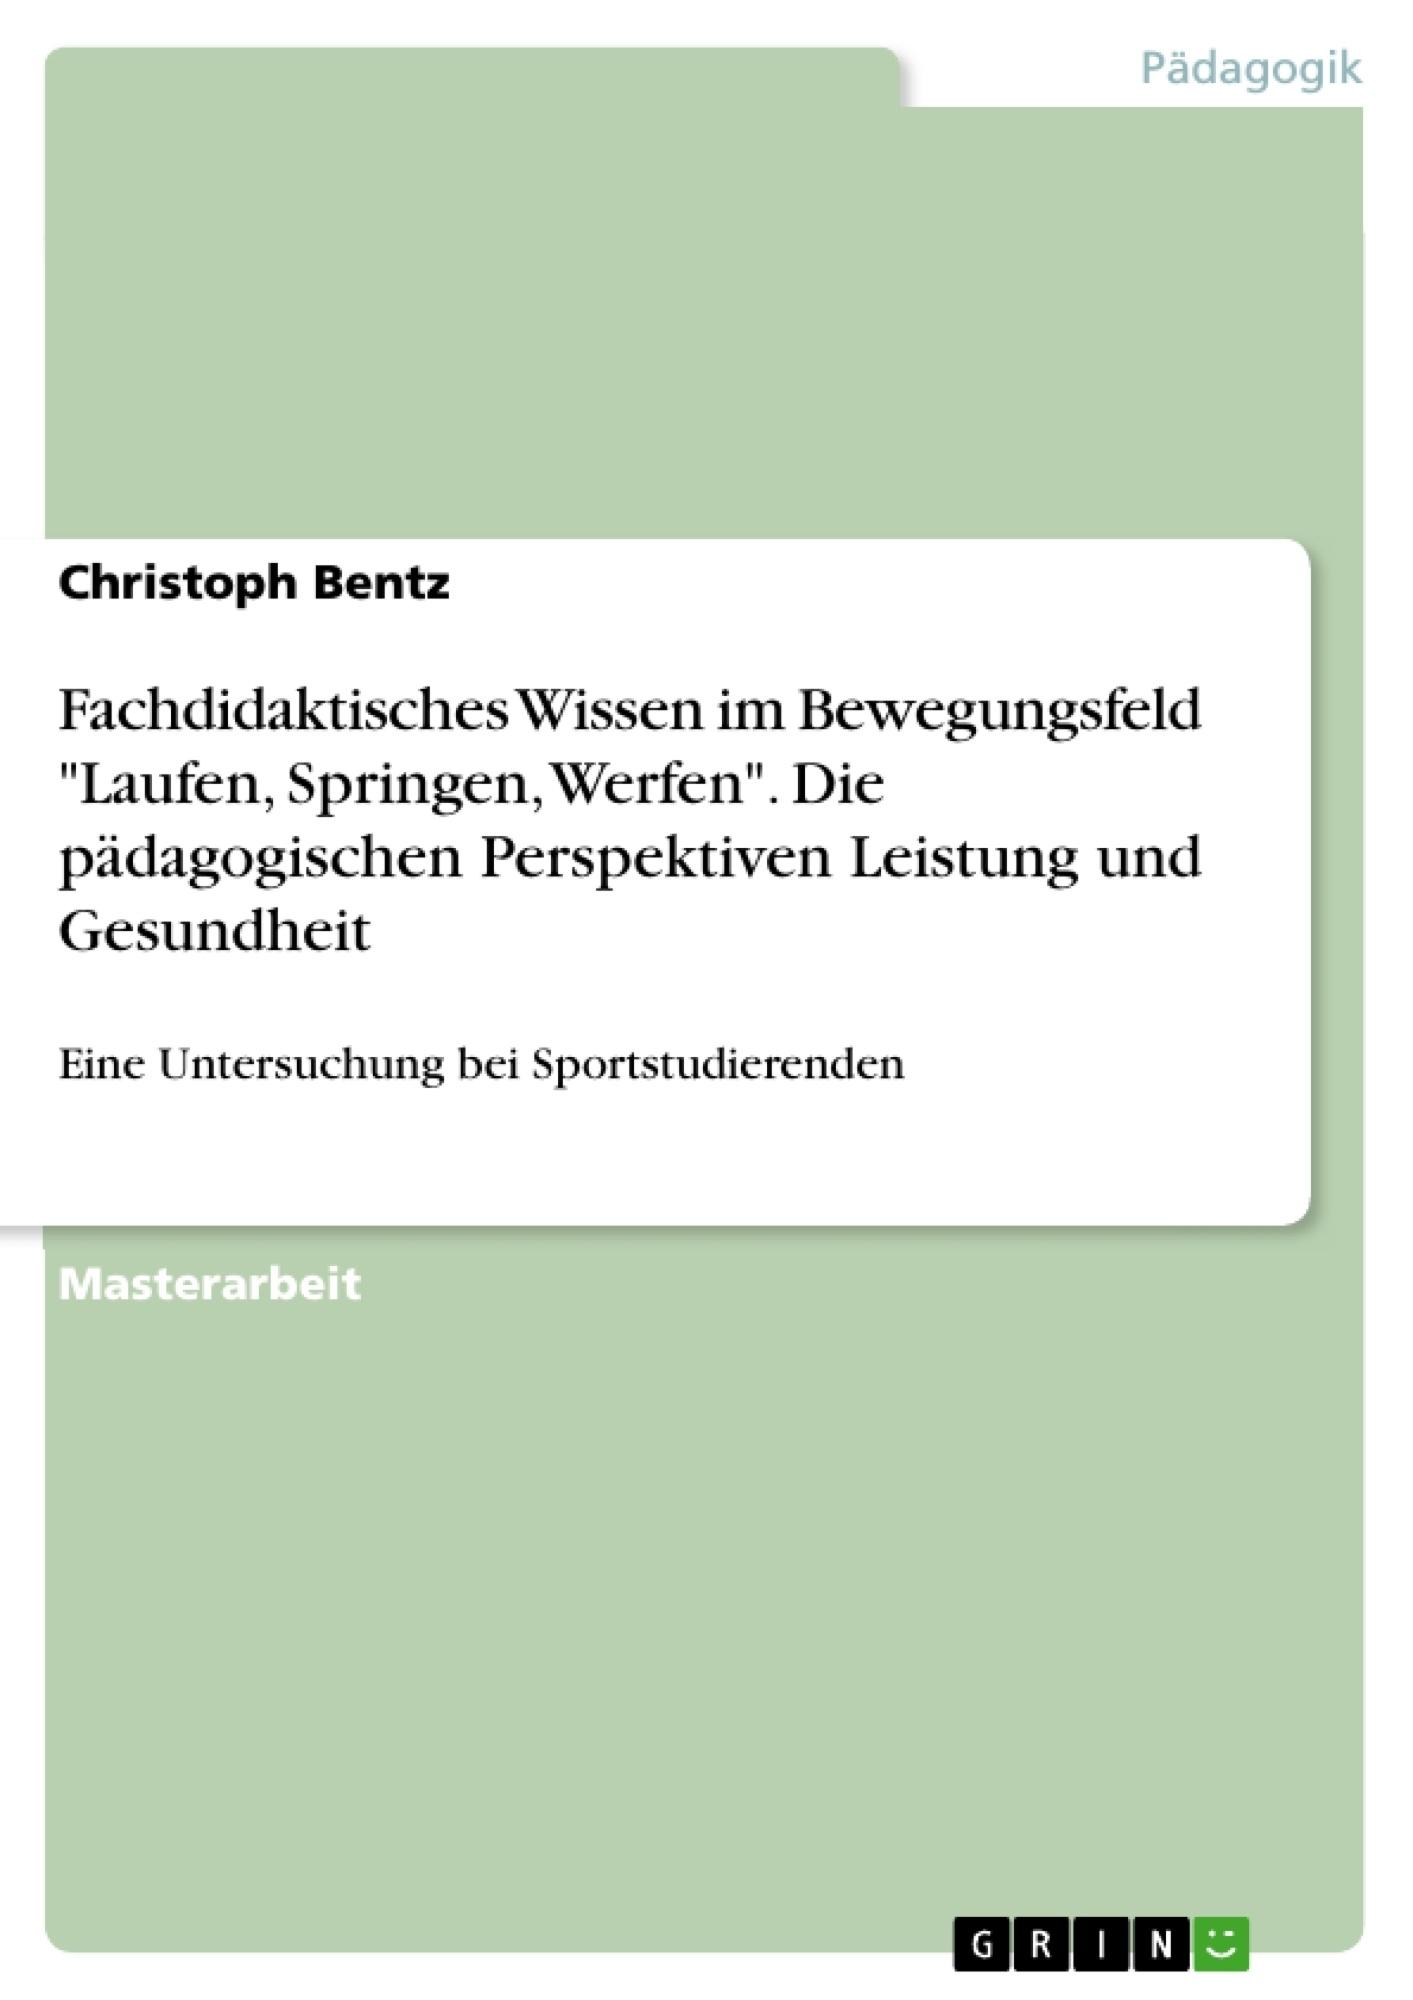 """Titel: Fachdidaktisches Wissen im Bewegungsfeld """"Laufen, Springen, Werfen"""". Die pädagogischen Perspektiven Leistung und Gesundheit"""